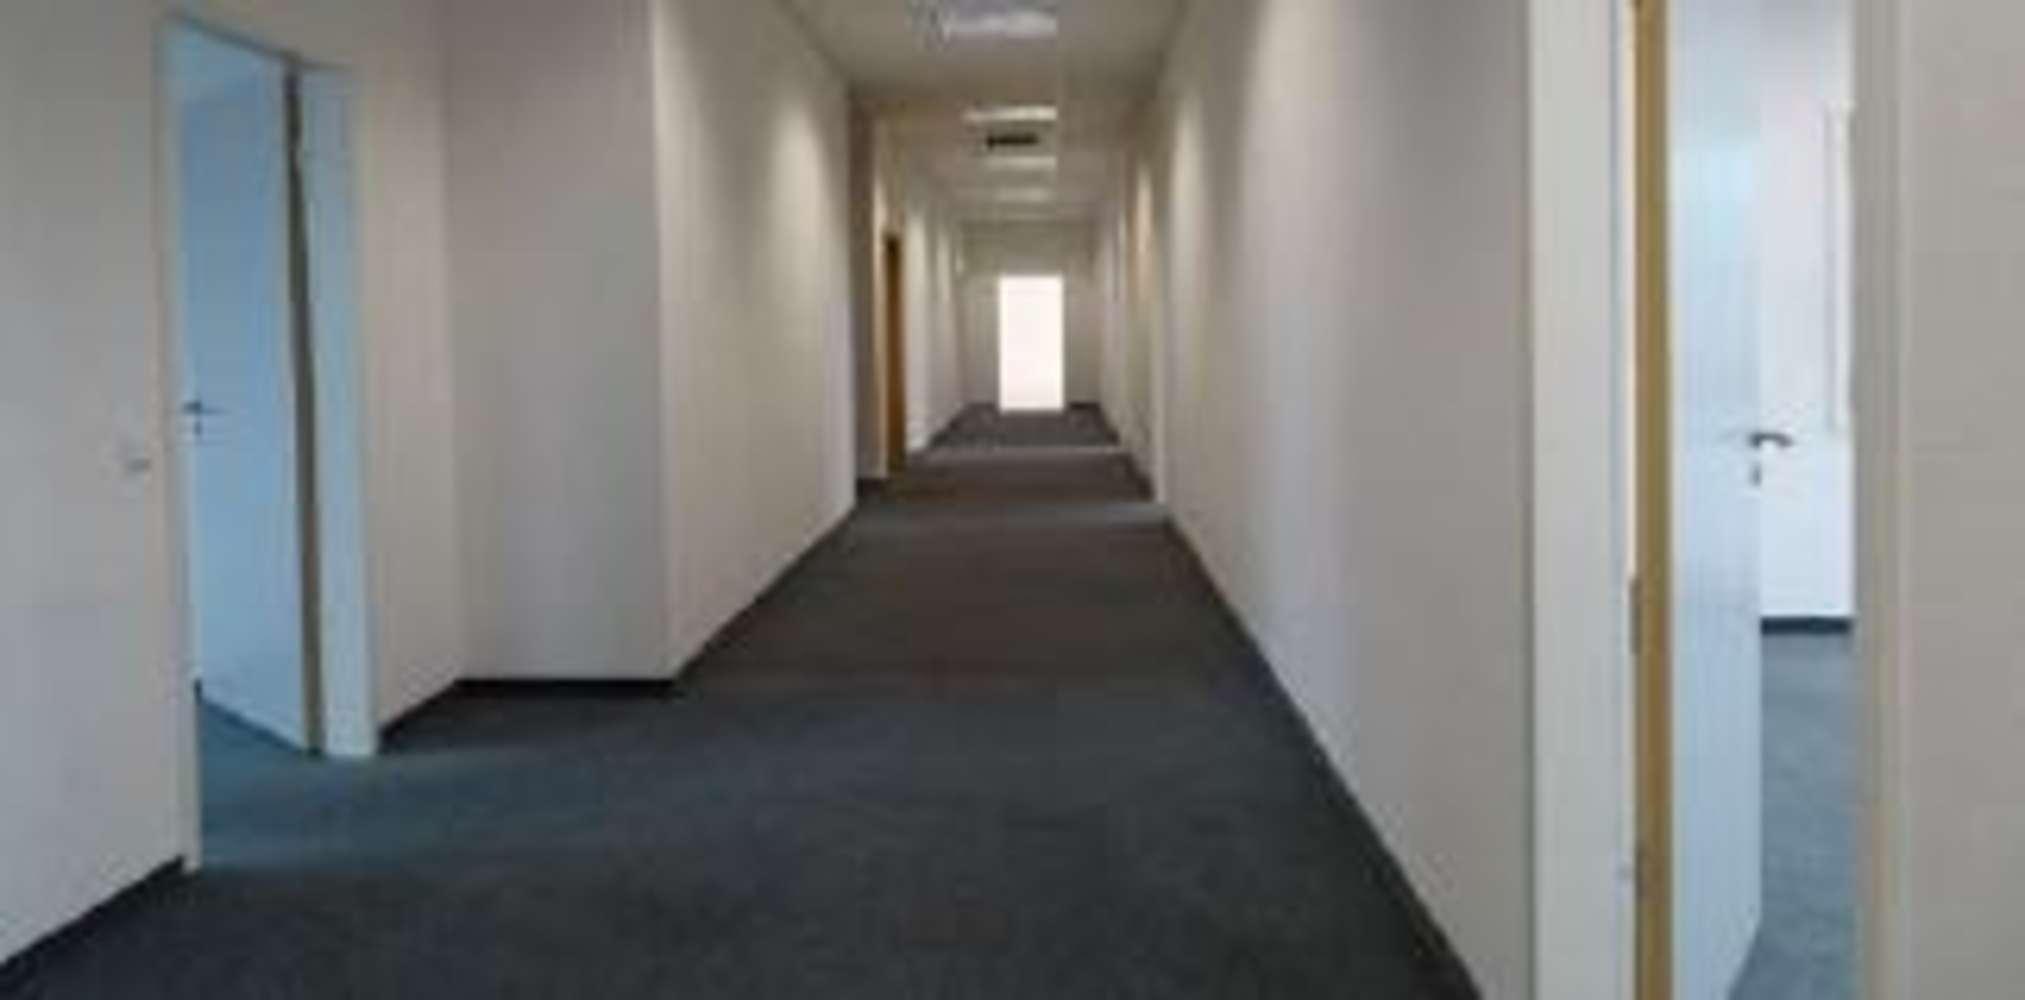 Büros Köln, 50739 - Büro - Köln, Longerich - K1330 - 9516882